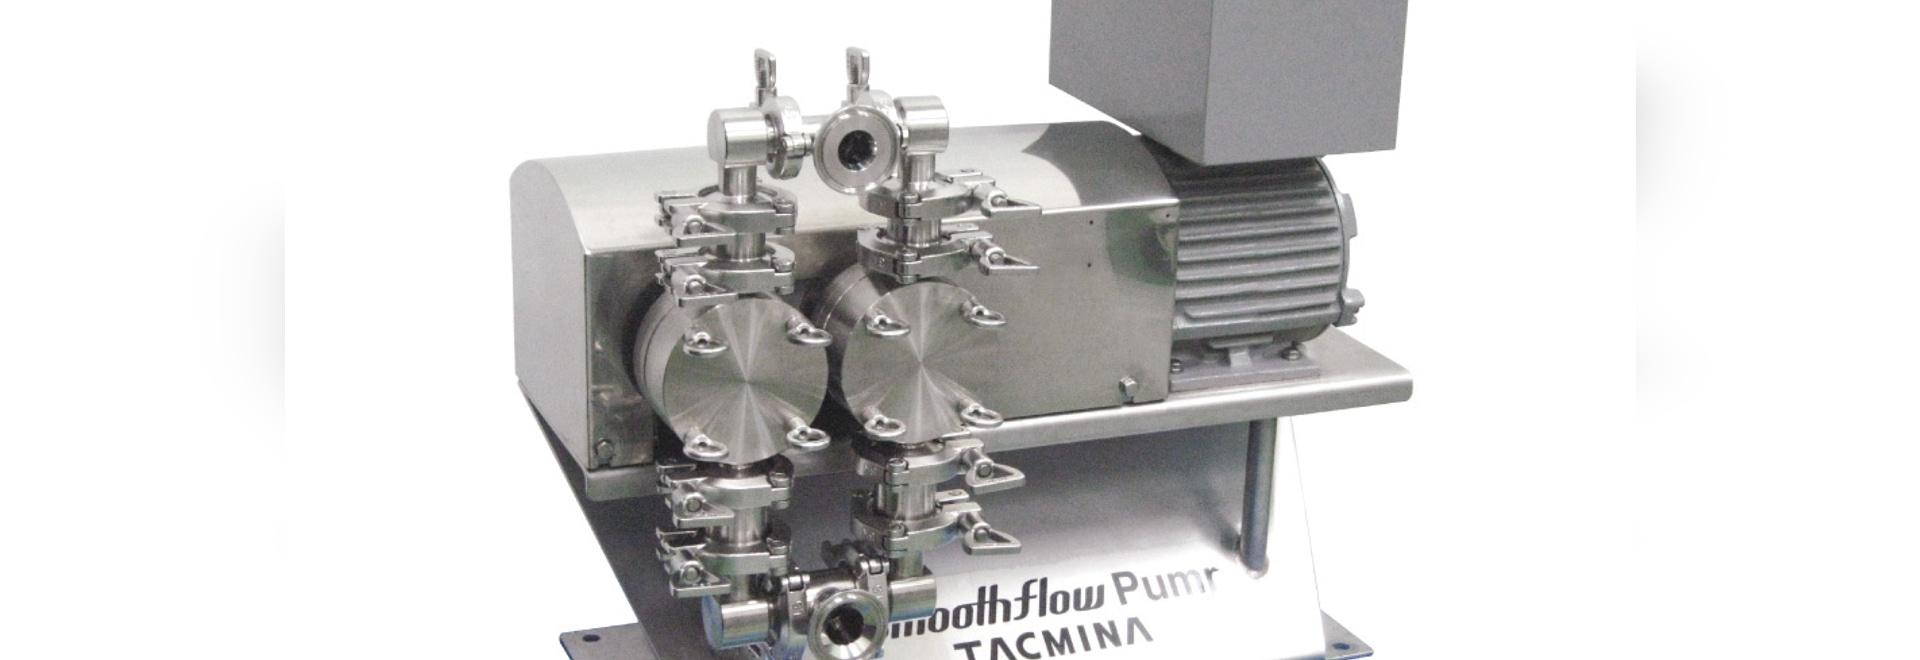 PLSS Smoothflow Pump